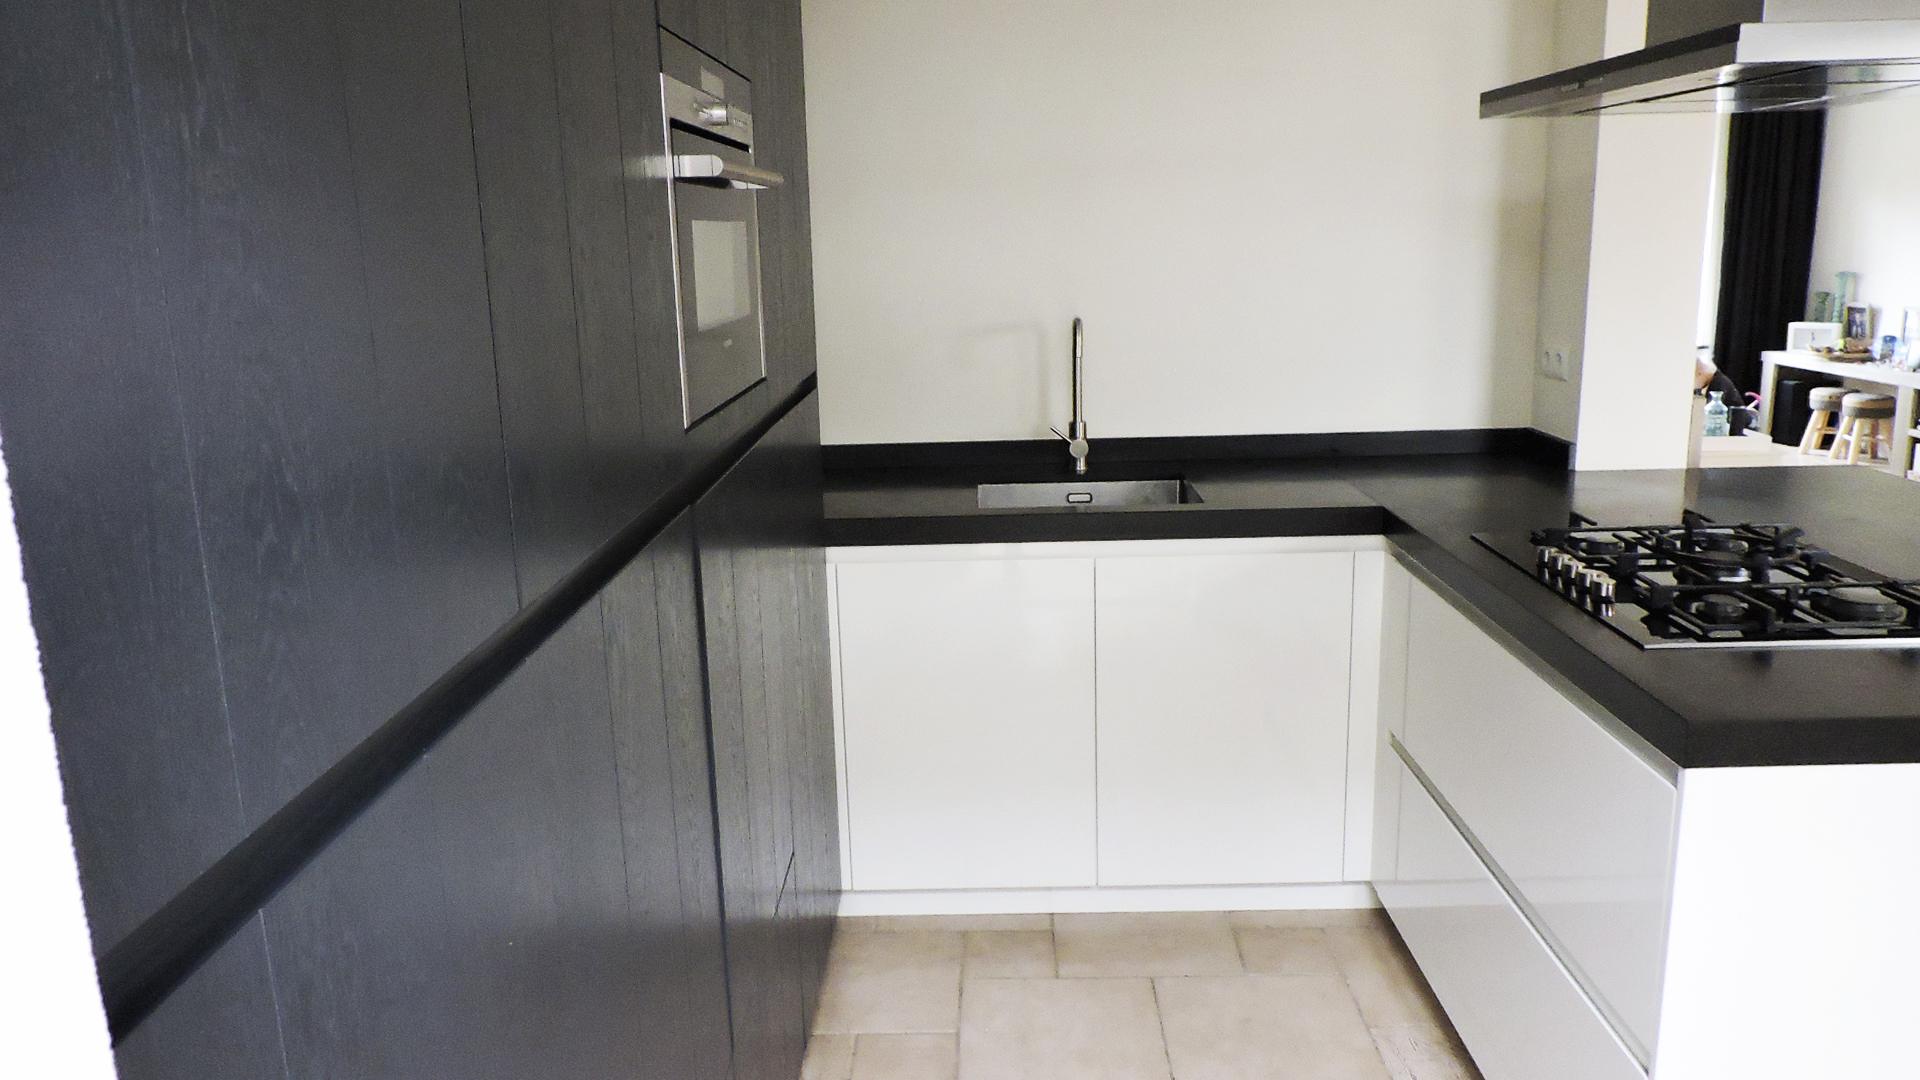 Keuken Zwart Wit : moderne-keuken-zwart-wit-strak-van-doren-maatinterieurs-nederweert-4